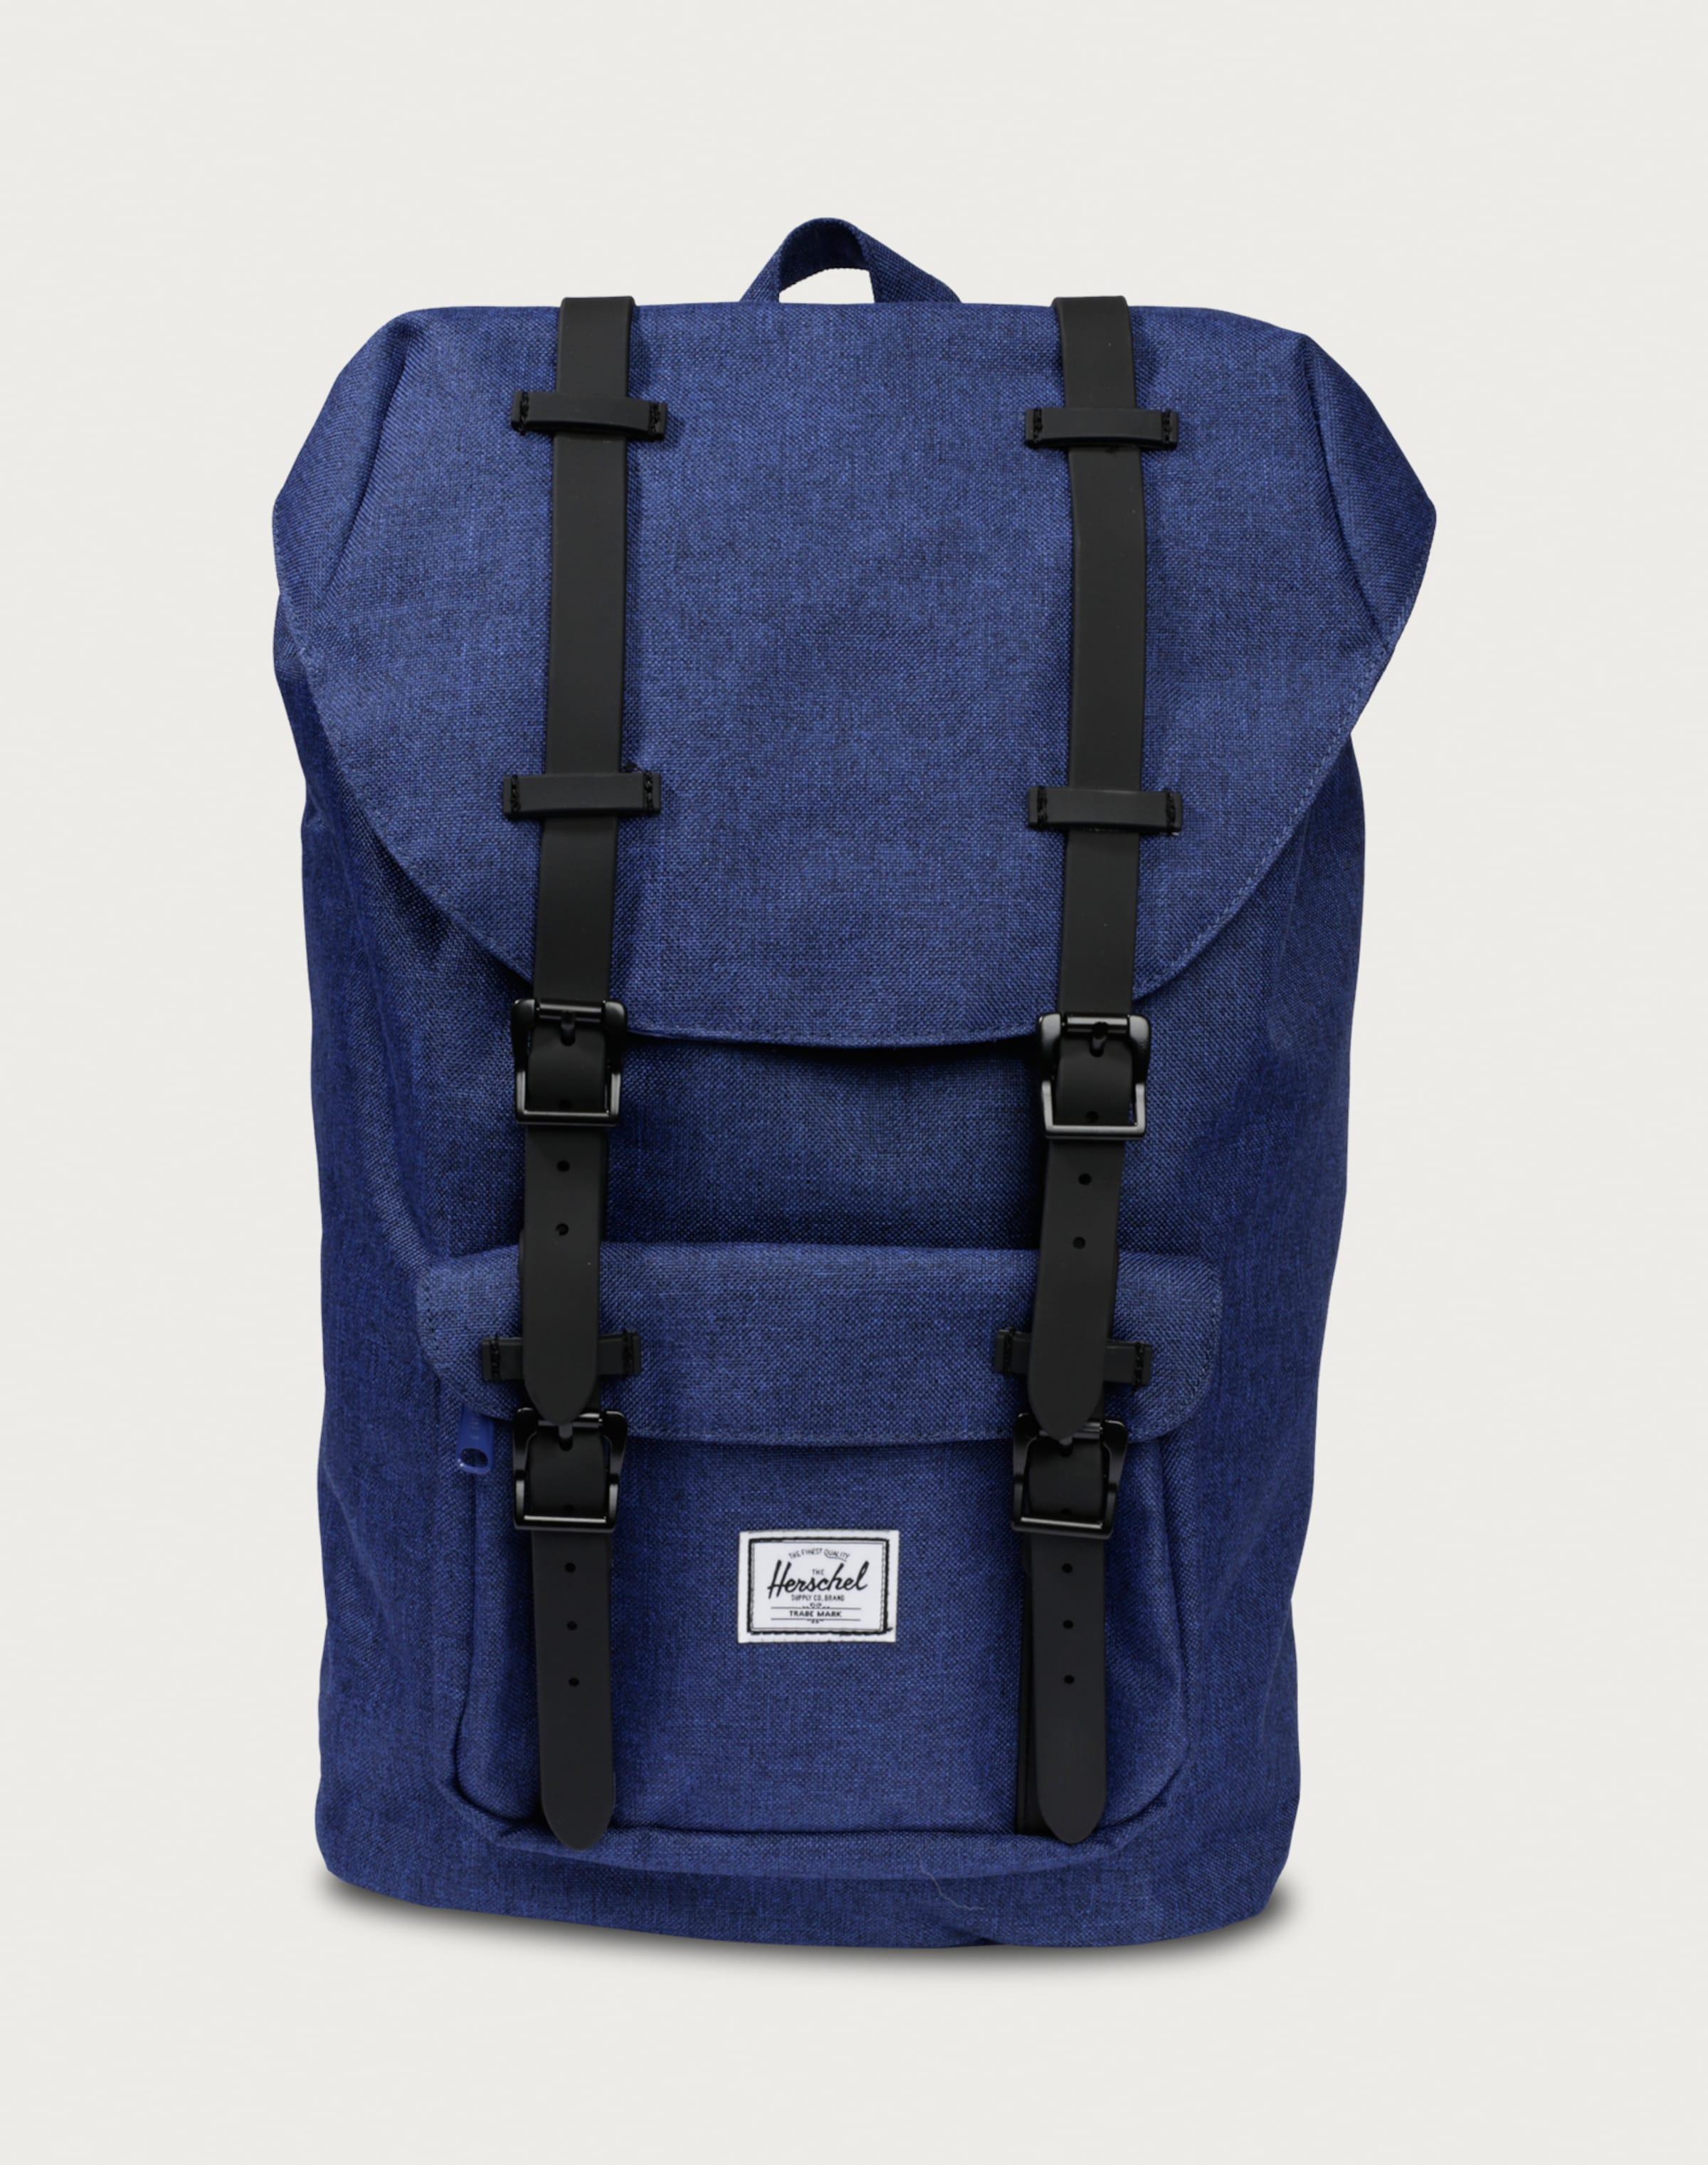 Sehr Billig Empfehlen Herschel Rucksack mit Laptop-Fach 'Little America Mid-Volume' Billig Verkauf Besuch Neu CERVPNr05N